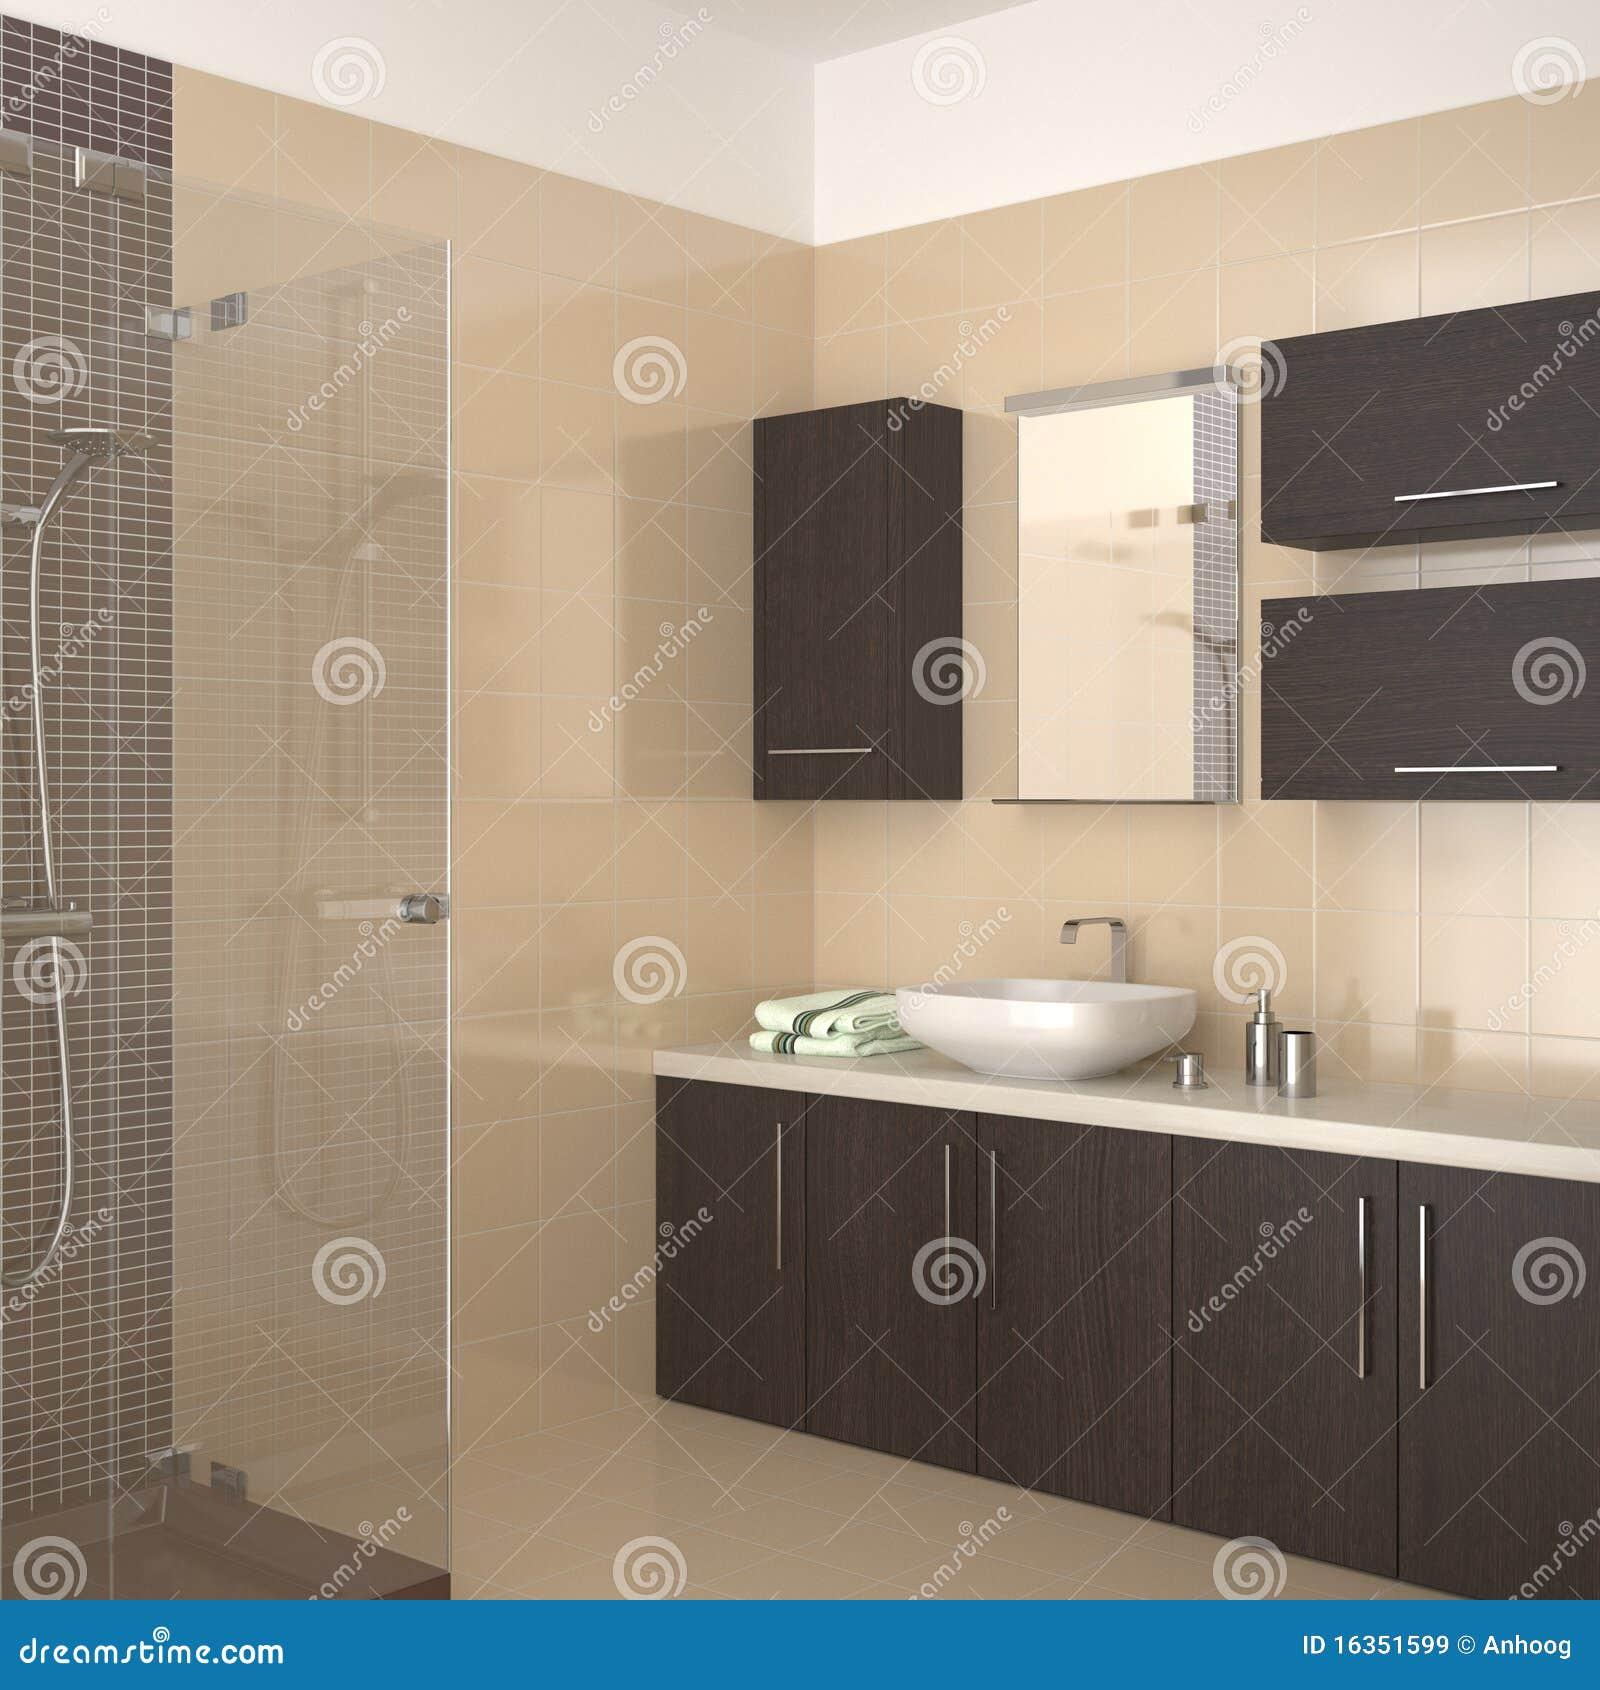 Cuarto De Baño Moderno Fotos:Imágenes de archivo libres de regalías: Cuarto de baño moderno con